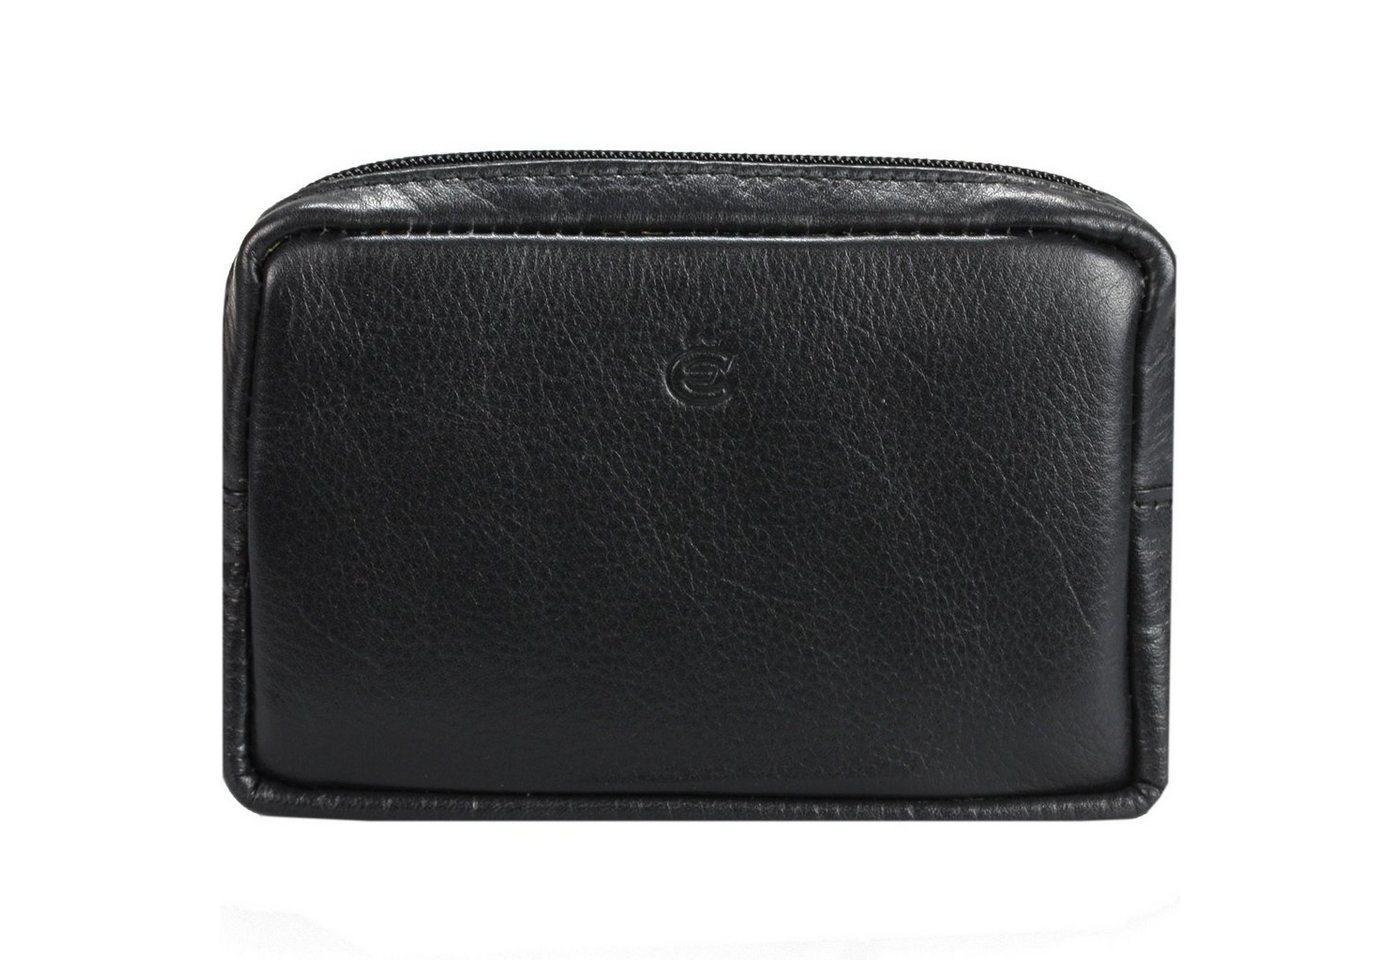 Esquire Eco Gürteltasche Leder 12,5 cm   Taschen > Gürteltaschen   Schwarz   Leder   Esquire